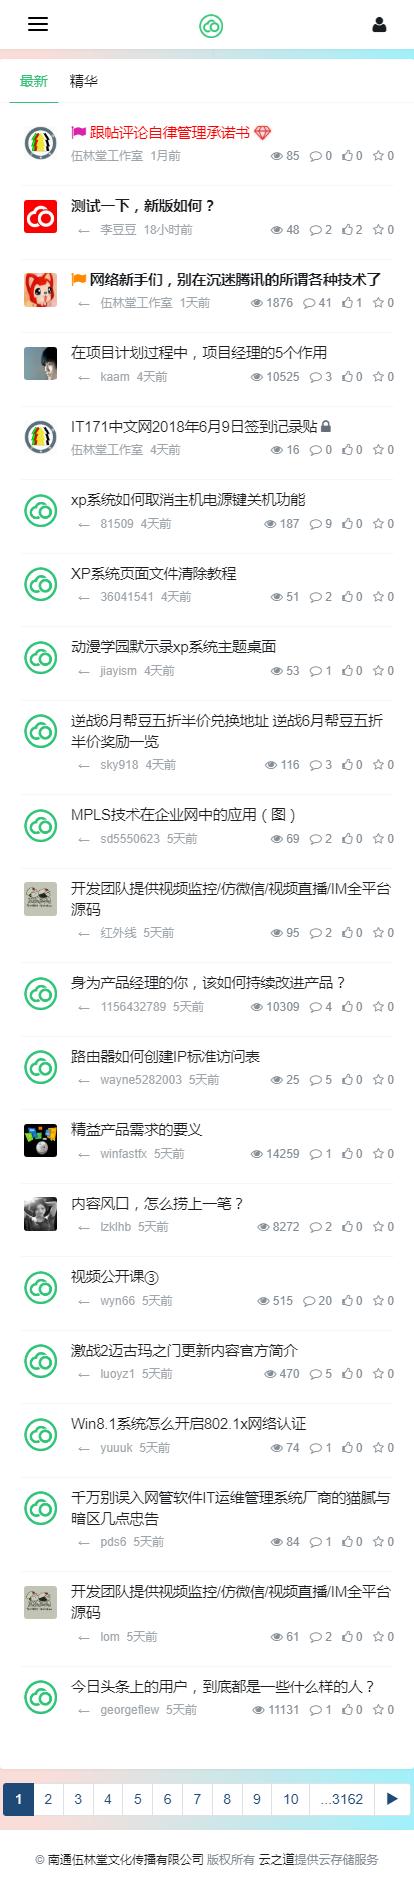 IT171中文网-技术源于分享-中文IT技术网站-全国较大的中文IT网站.png